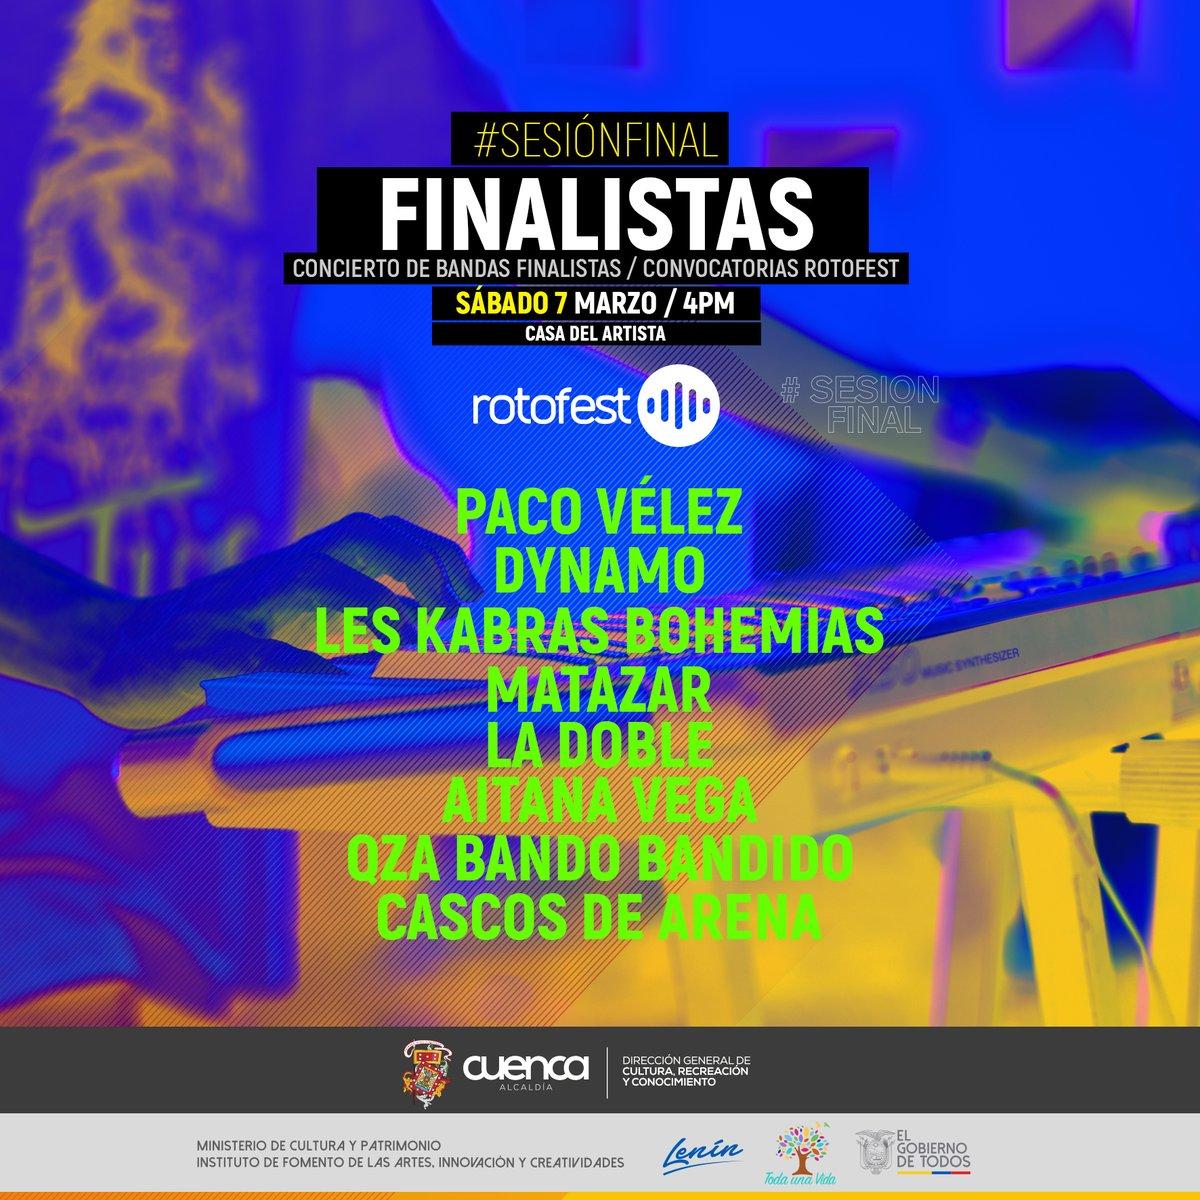 FINALISTAS 2020 Rotofest ( Sesión Final )  PACO VÉLEZ  DYNAMO  LES KABRAS BOHEMIAS  MATAZAR  LA DOBLE  AITANA VEGA  QZA BANDO BANDIDO  CASCOS DE ARENA  Conciertazo se viene el 7 de marzo en la Casa del Artista #Rotofest #Cuenca #RockStagepic.twitter.com/ou1YnYdUSf